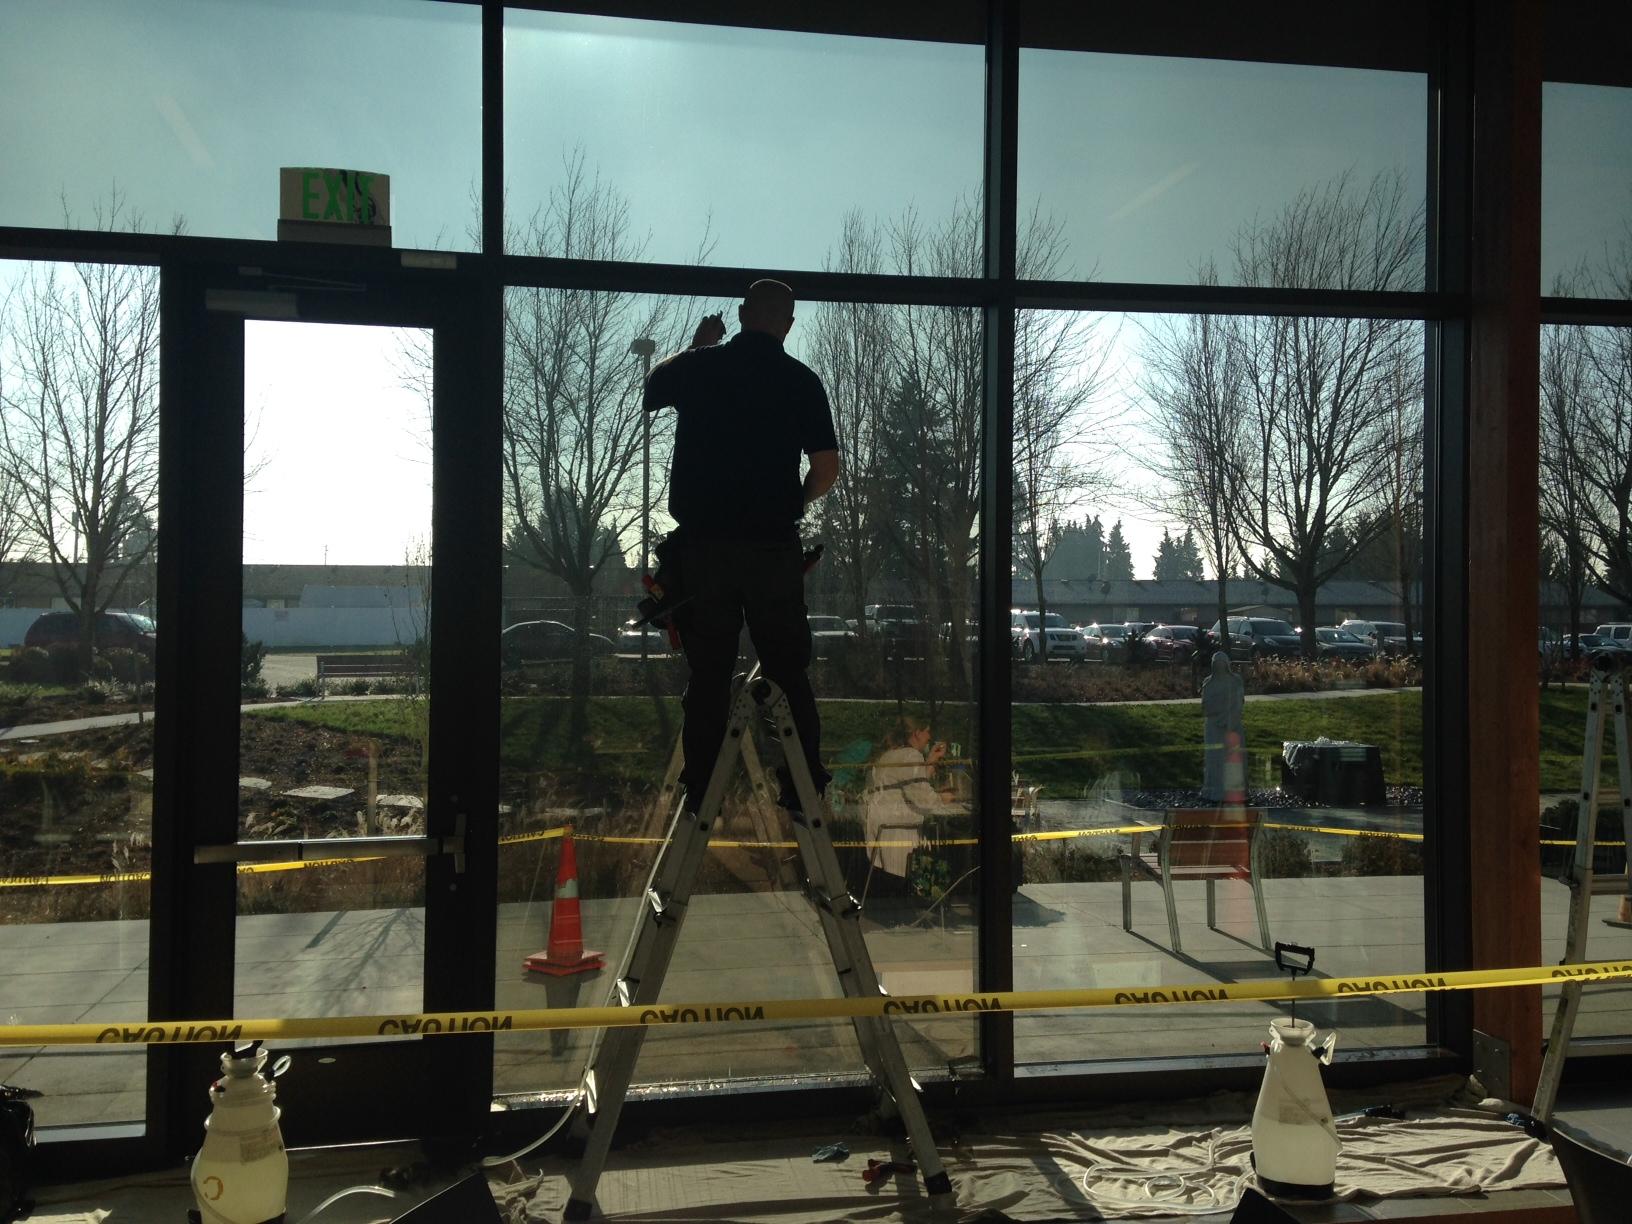 Abc sun control inc puyallup washington proview - Pellicole oscuranti per vetri casa ...